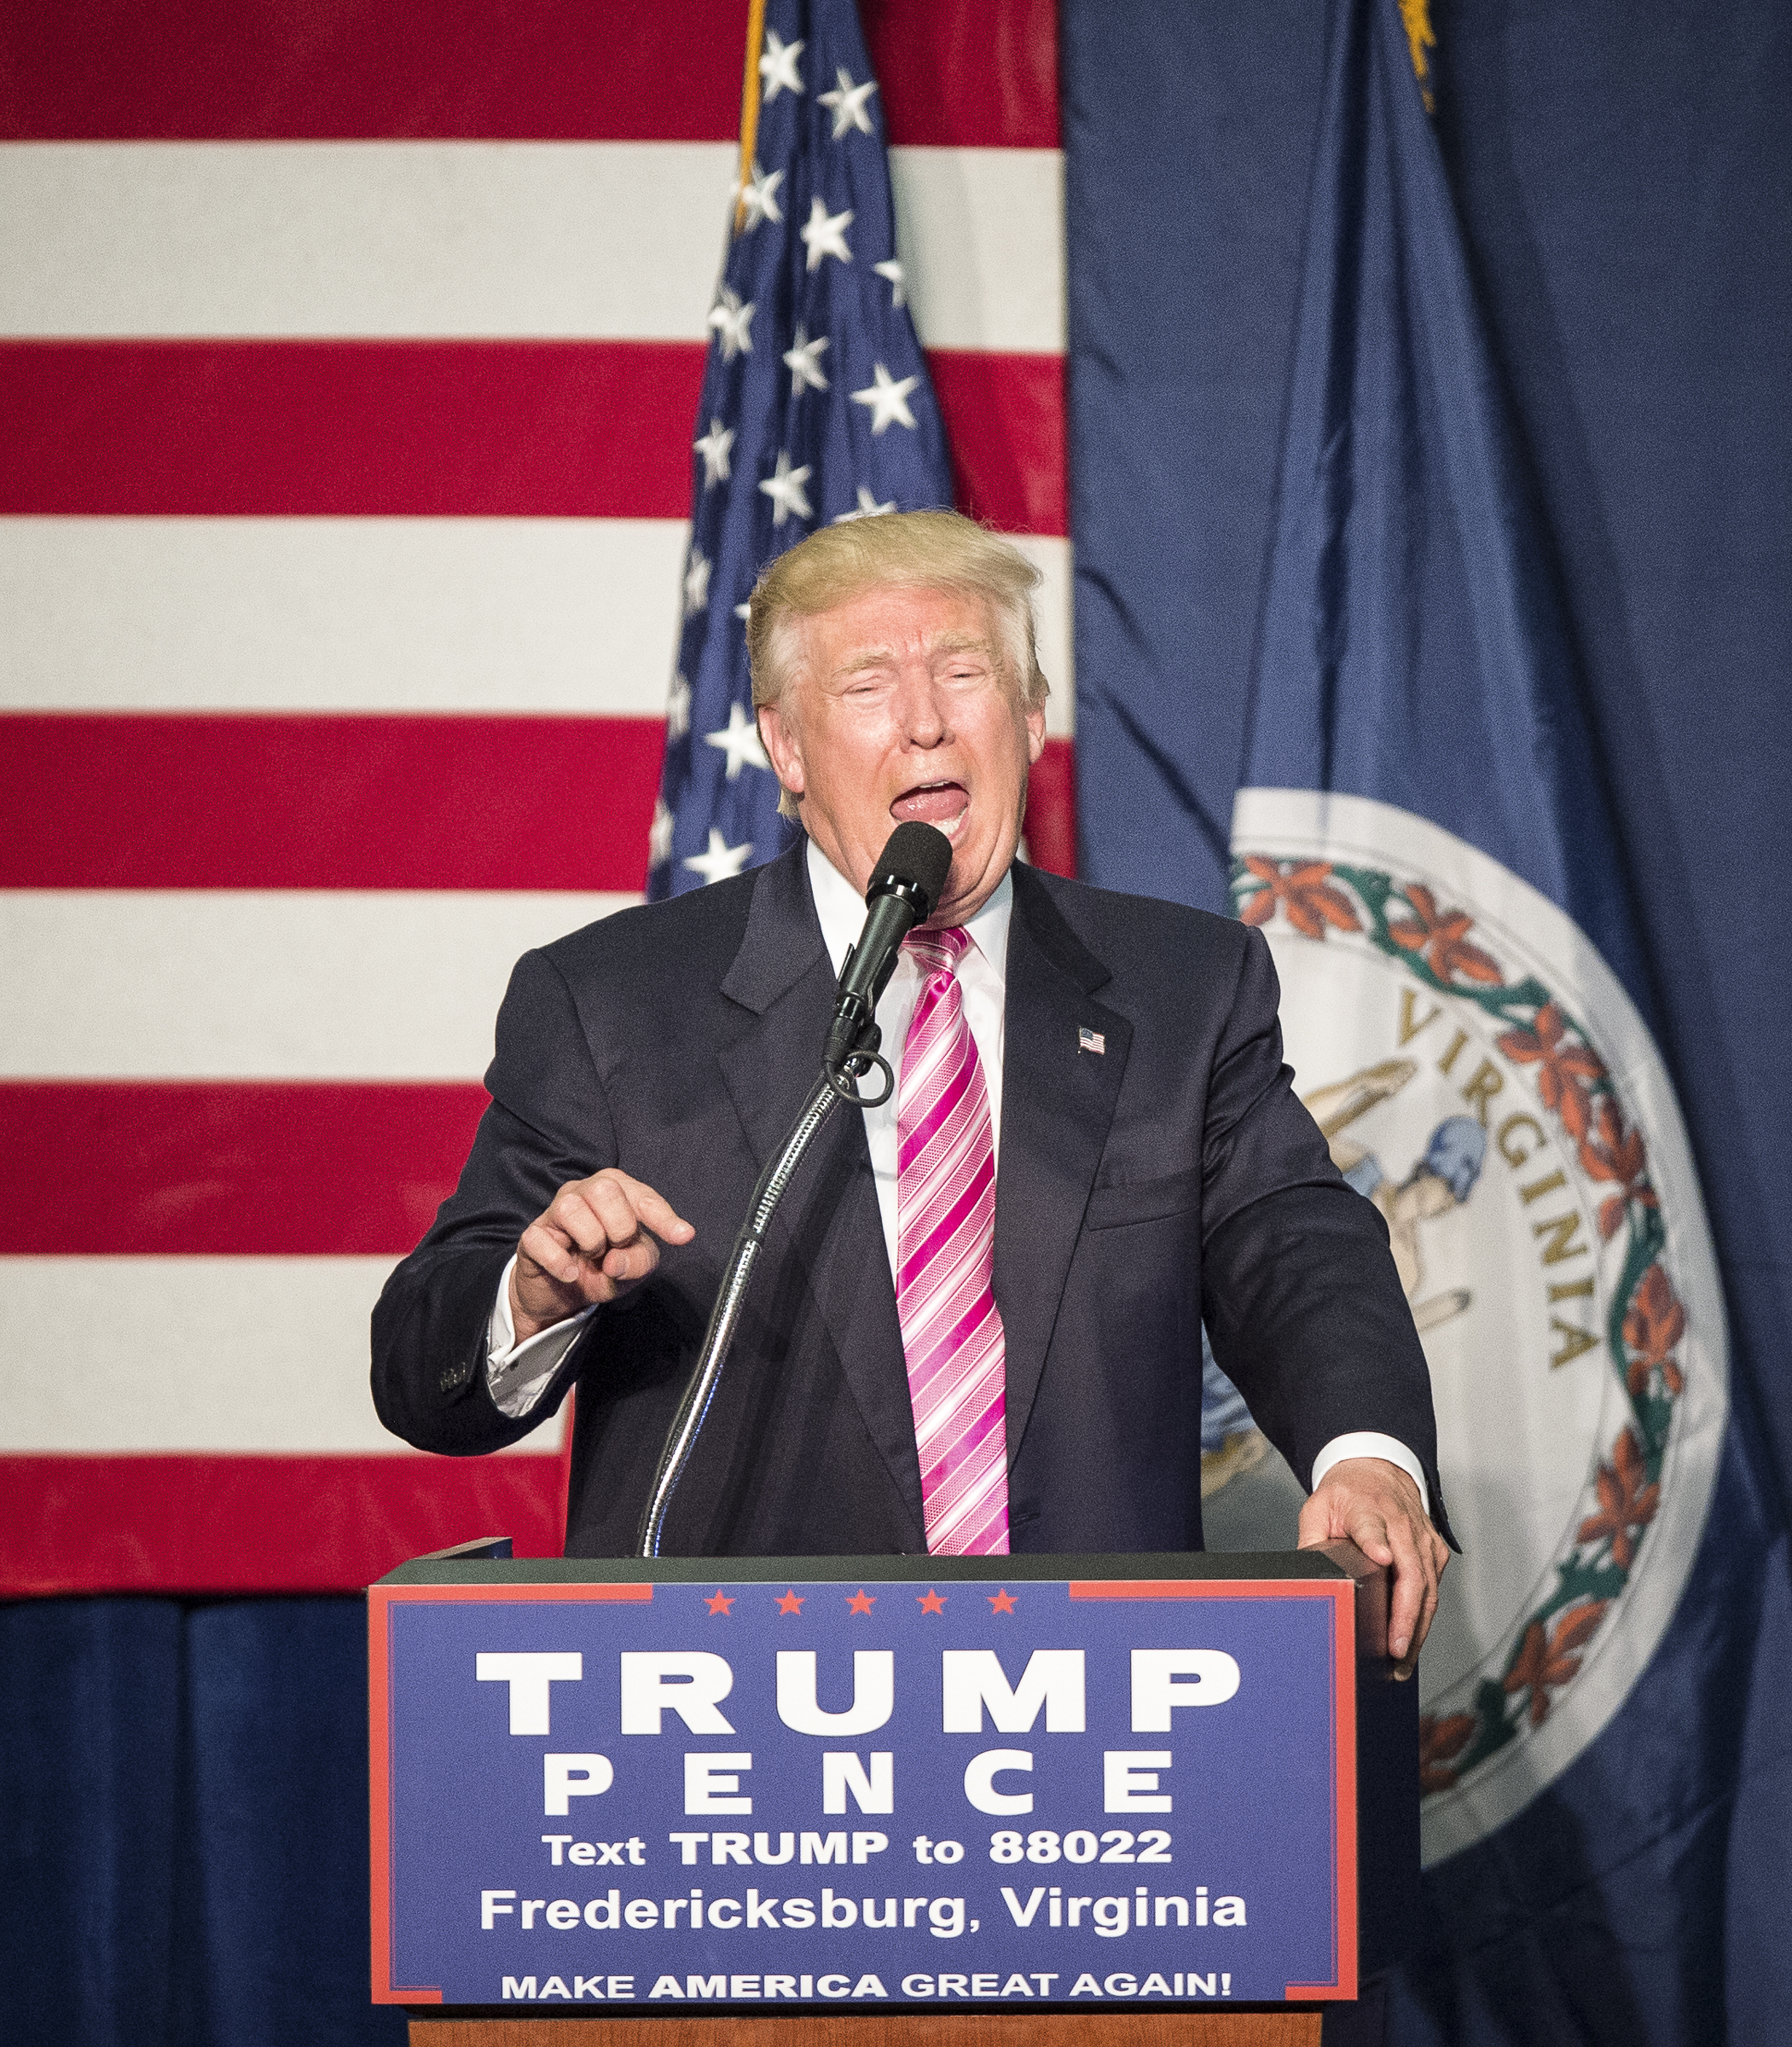 TR_Trump_Print4.jpg